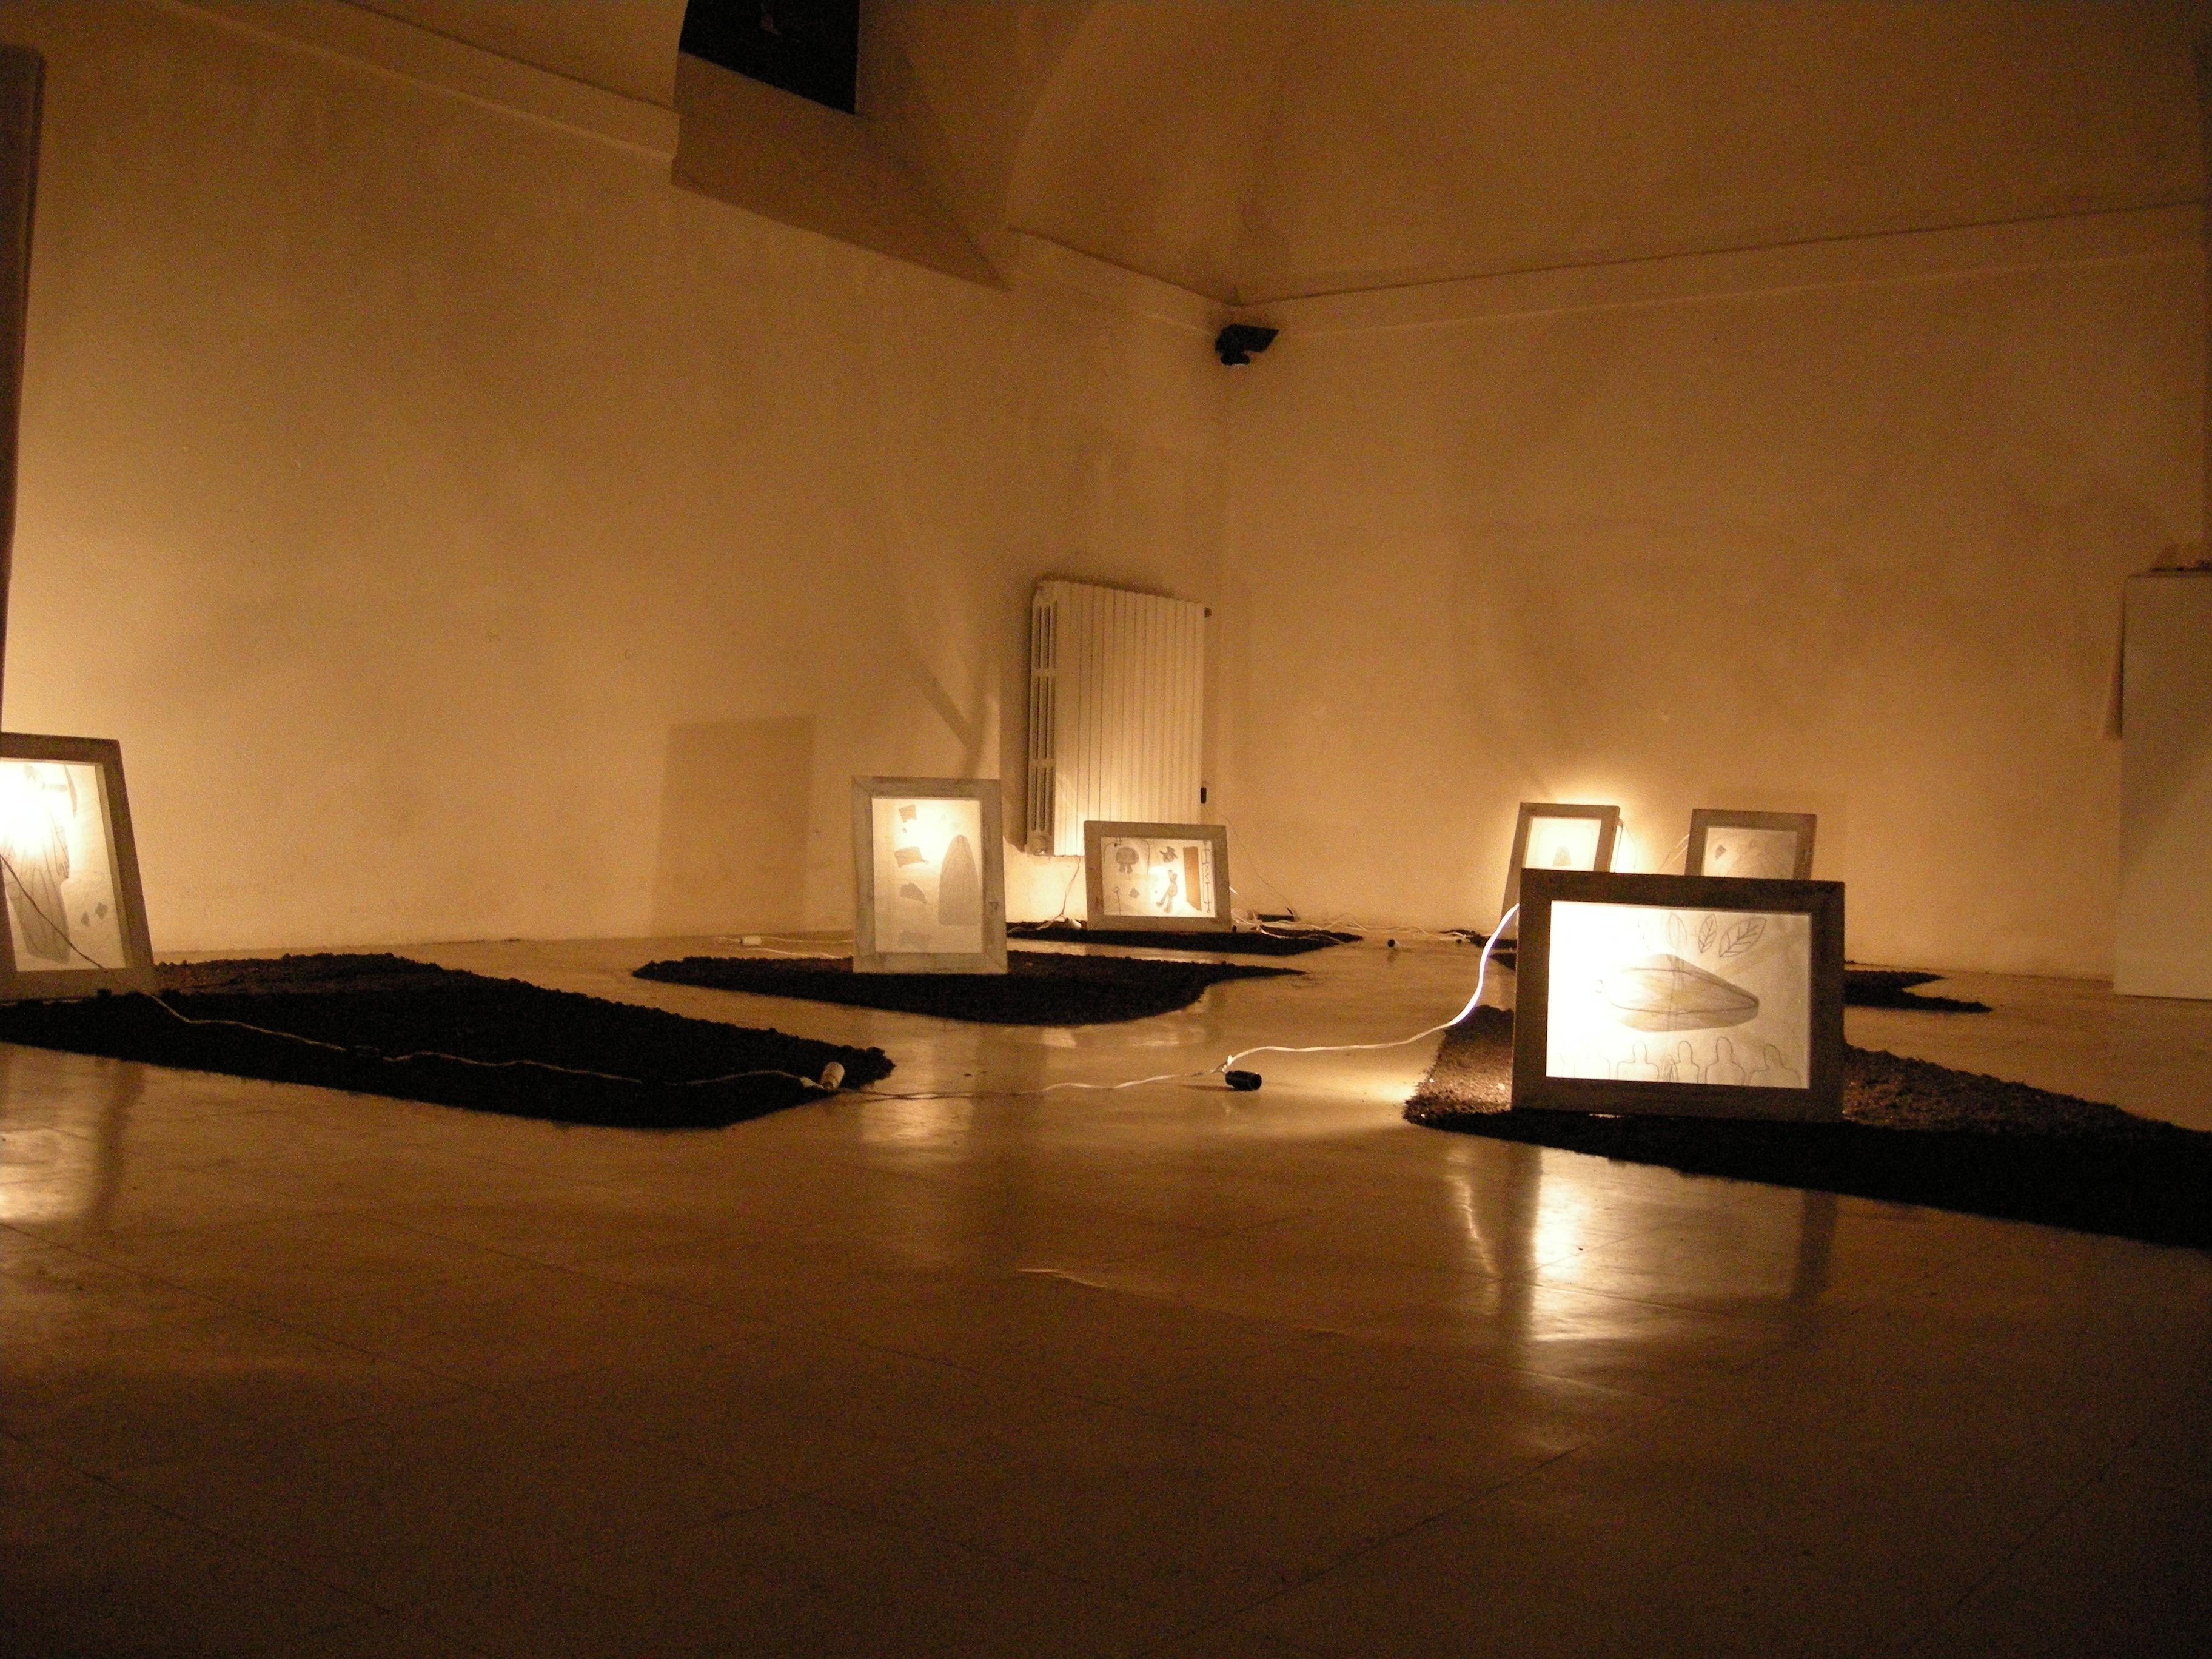 Installazione di Massimo Piunti